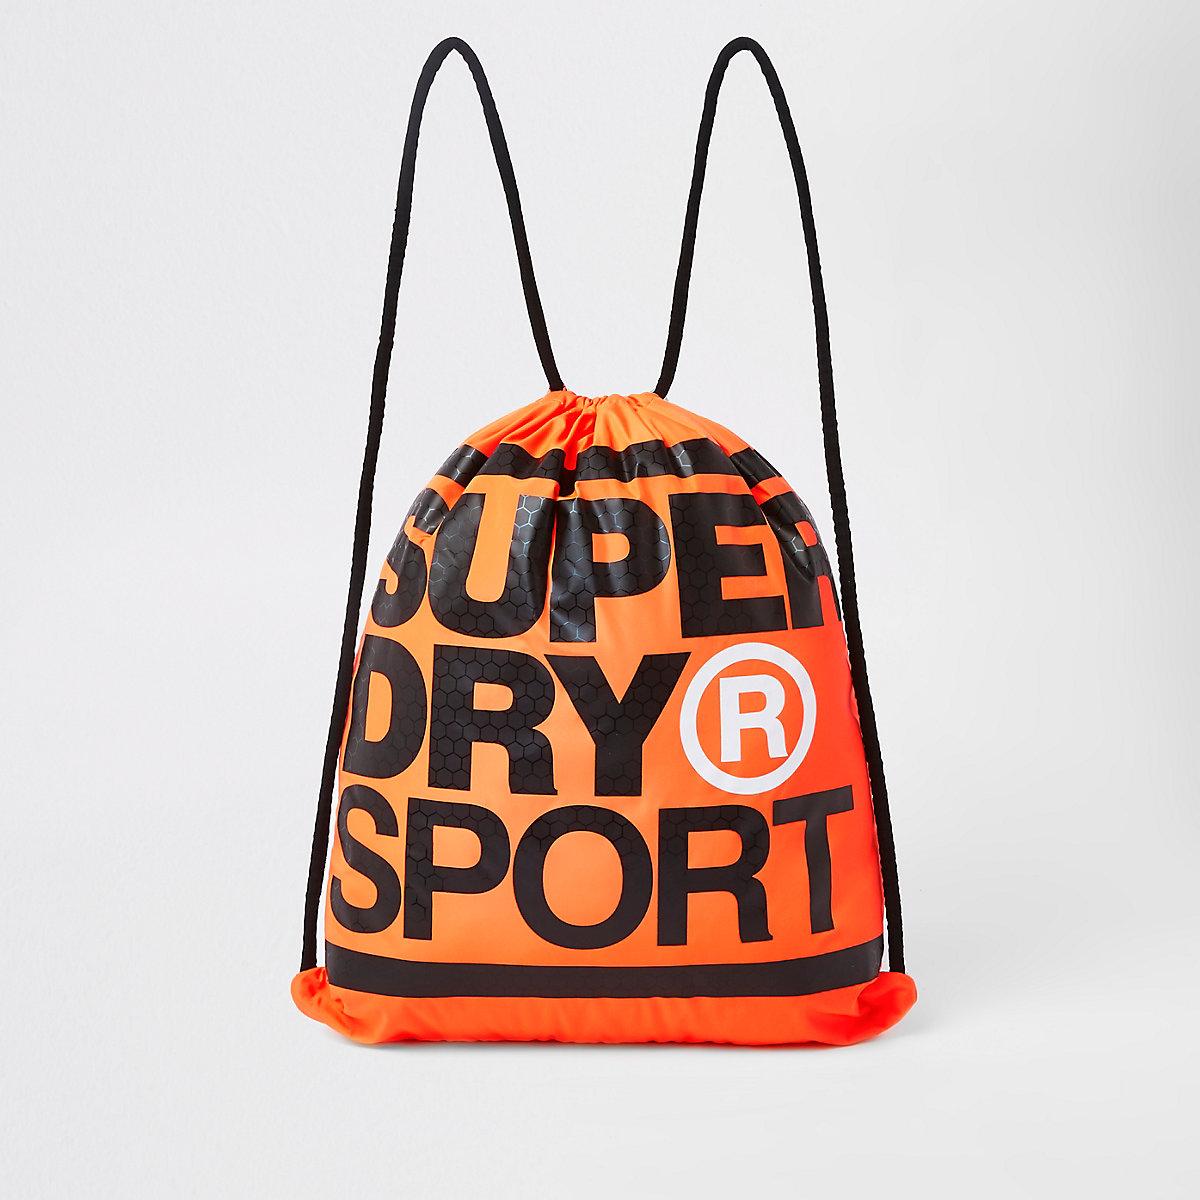 Superdry orange logo print drawstring bag